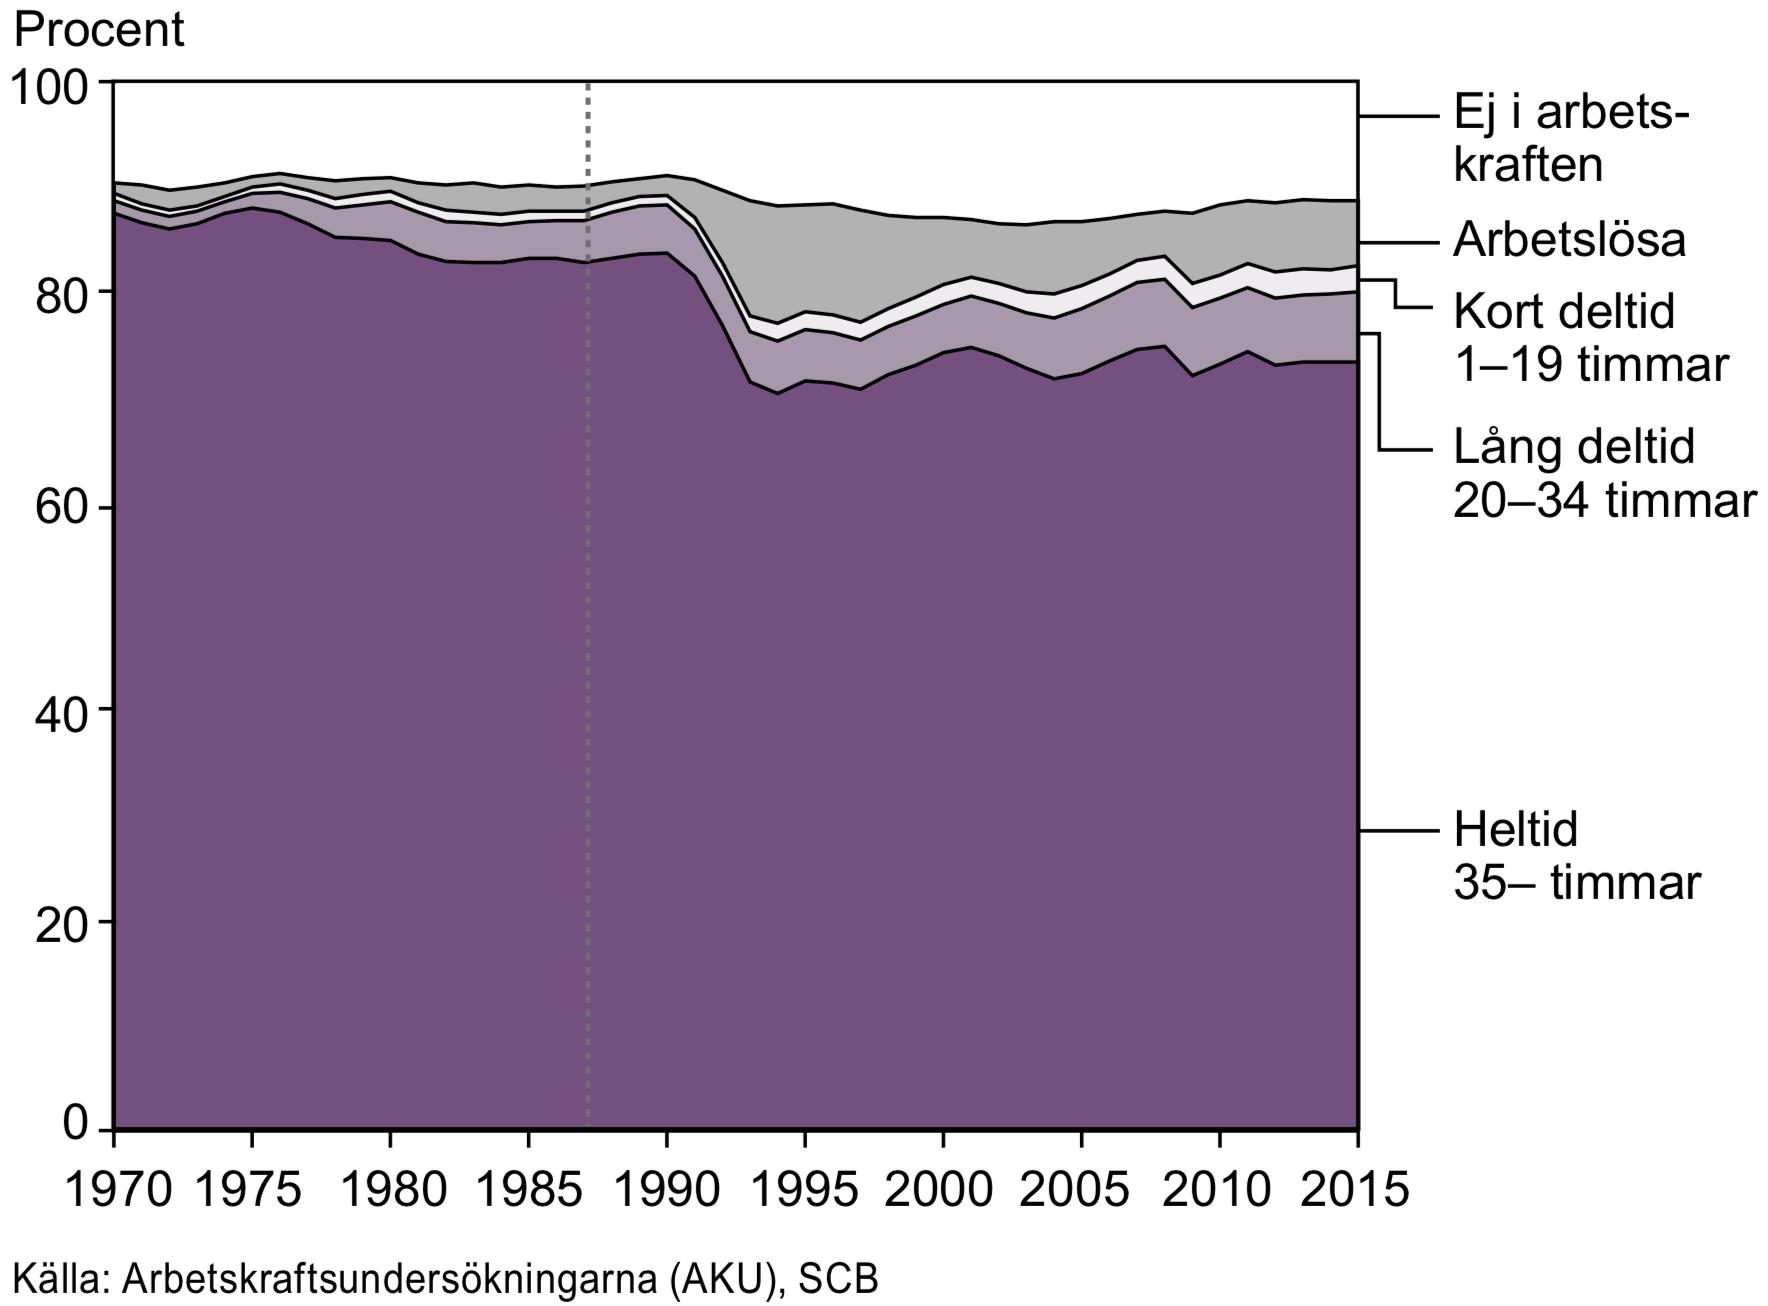 Män i åldern 20–64 år efter arbetskraftstillhörighet och vanligen arbetad tid 1970–2015